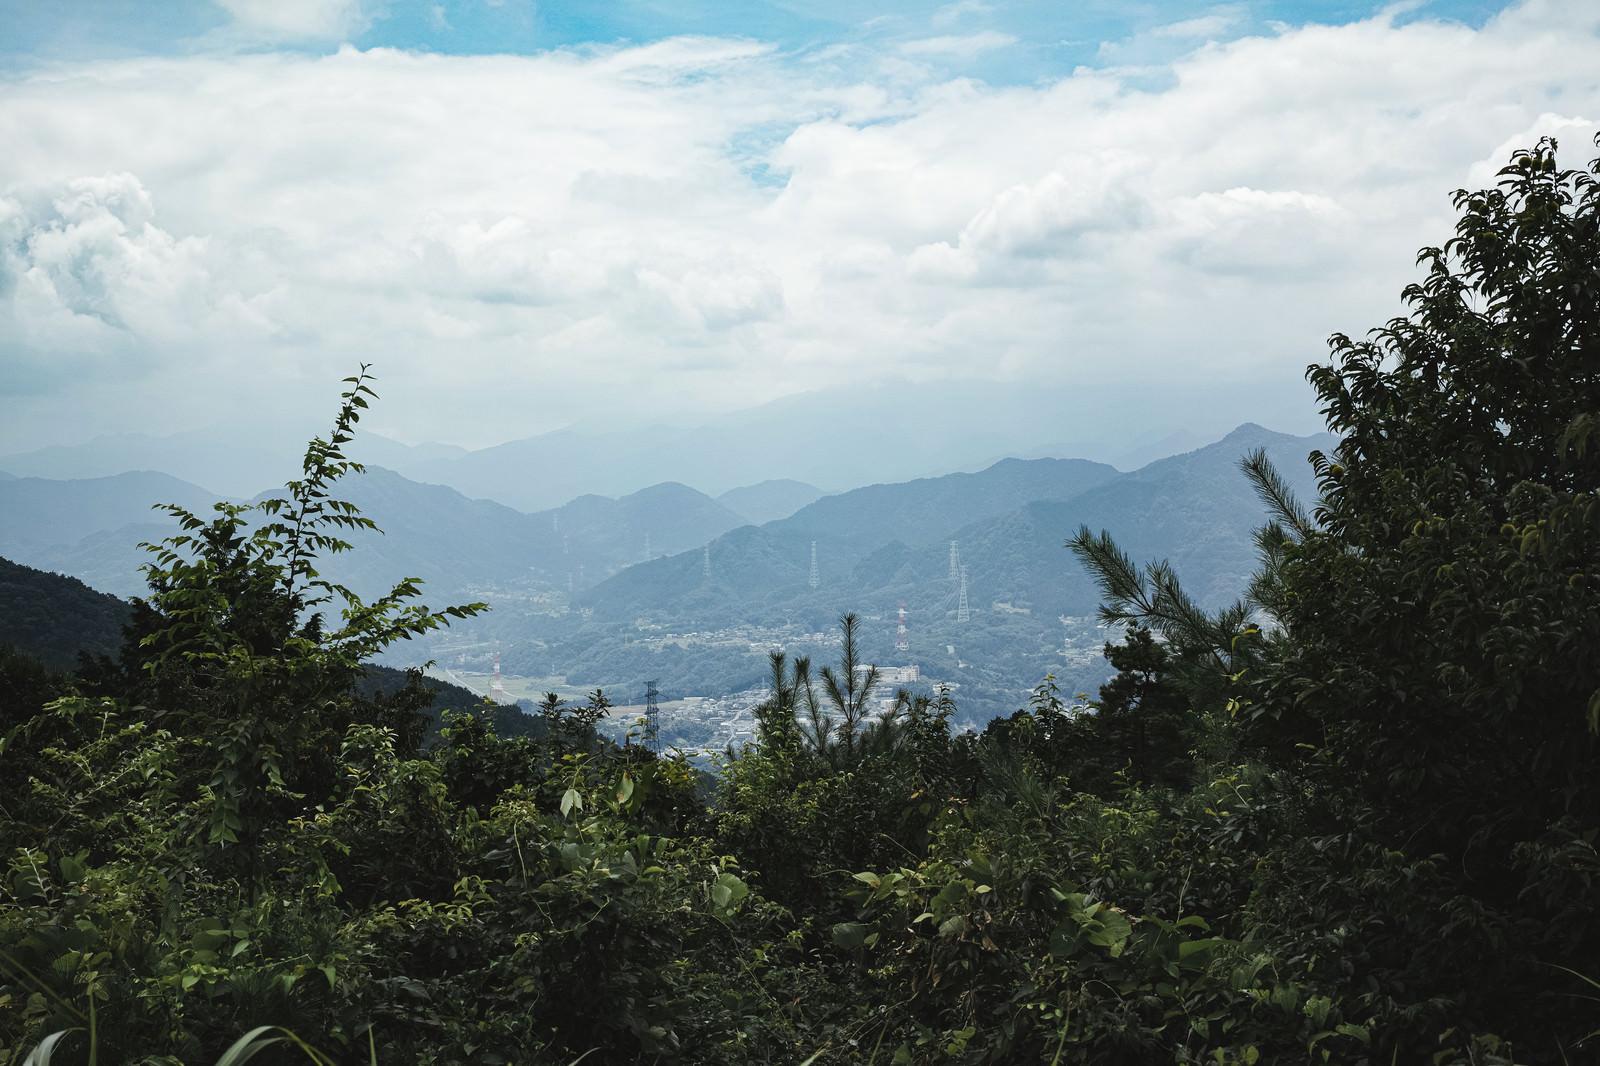 「森の中から見える山間の町並み」の写真